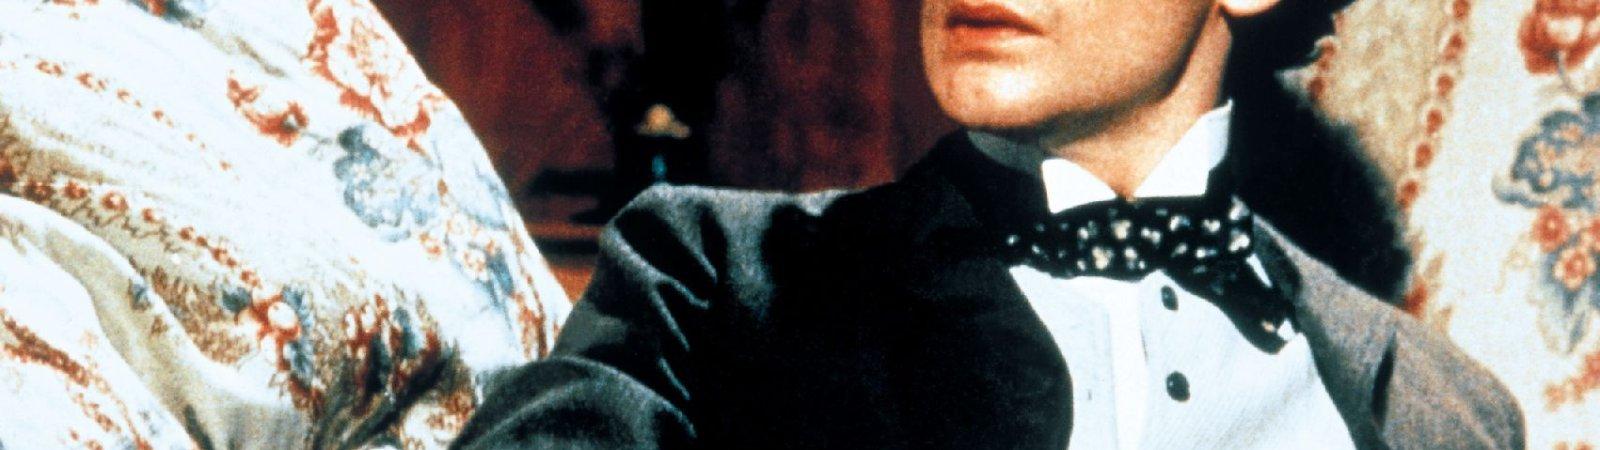 Photo du film : Ludwig - Le Crépuscule des Dieux